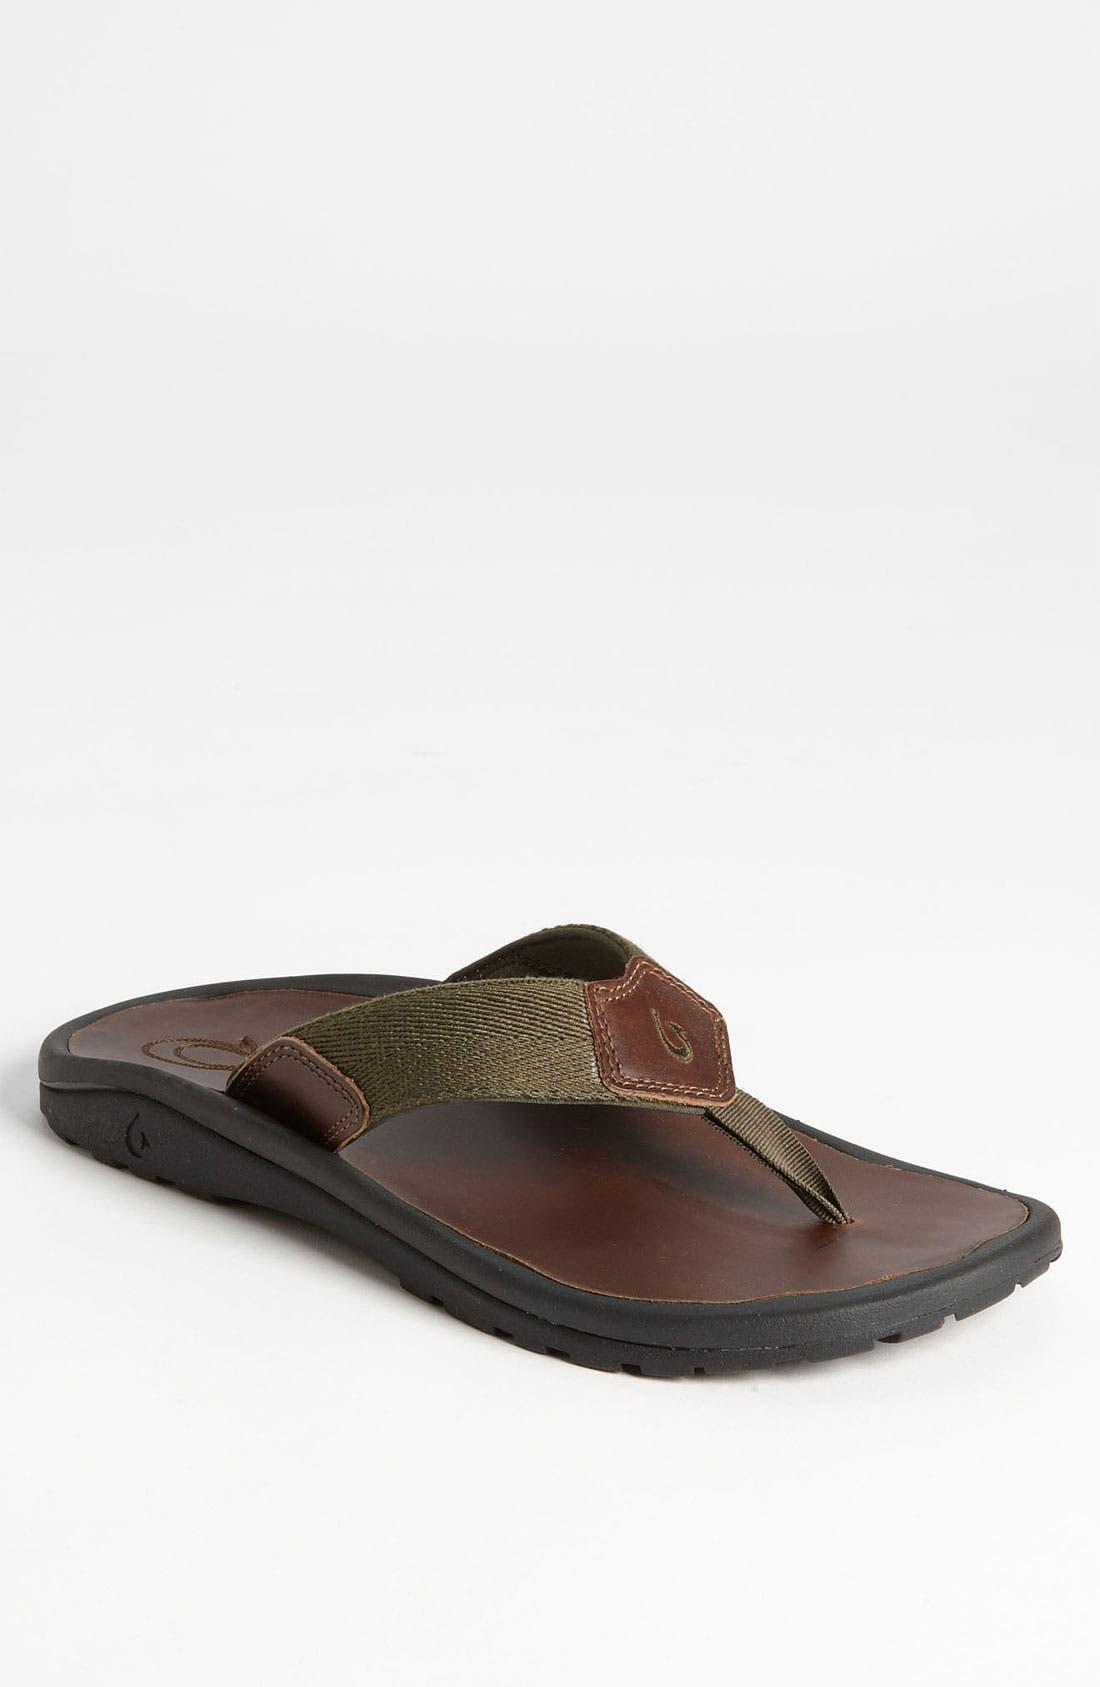 Main Image - OluKai 'Kalo' Flip Flop (Men)